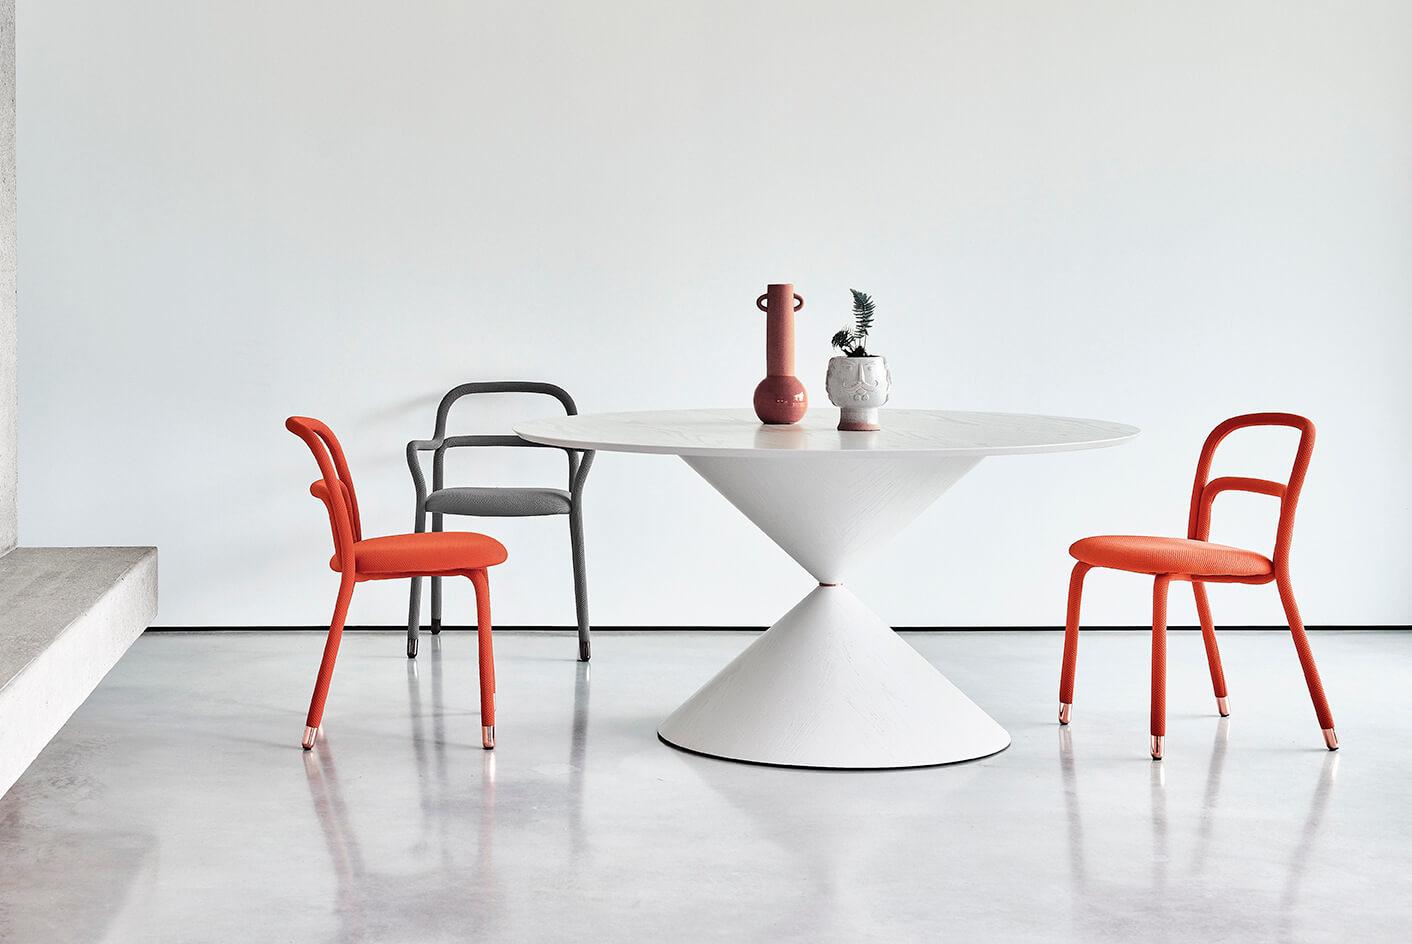 Il tavolo Clessidra è il terzo classificato dell'Edward Haimsohn Design Award 2019